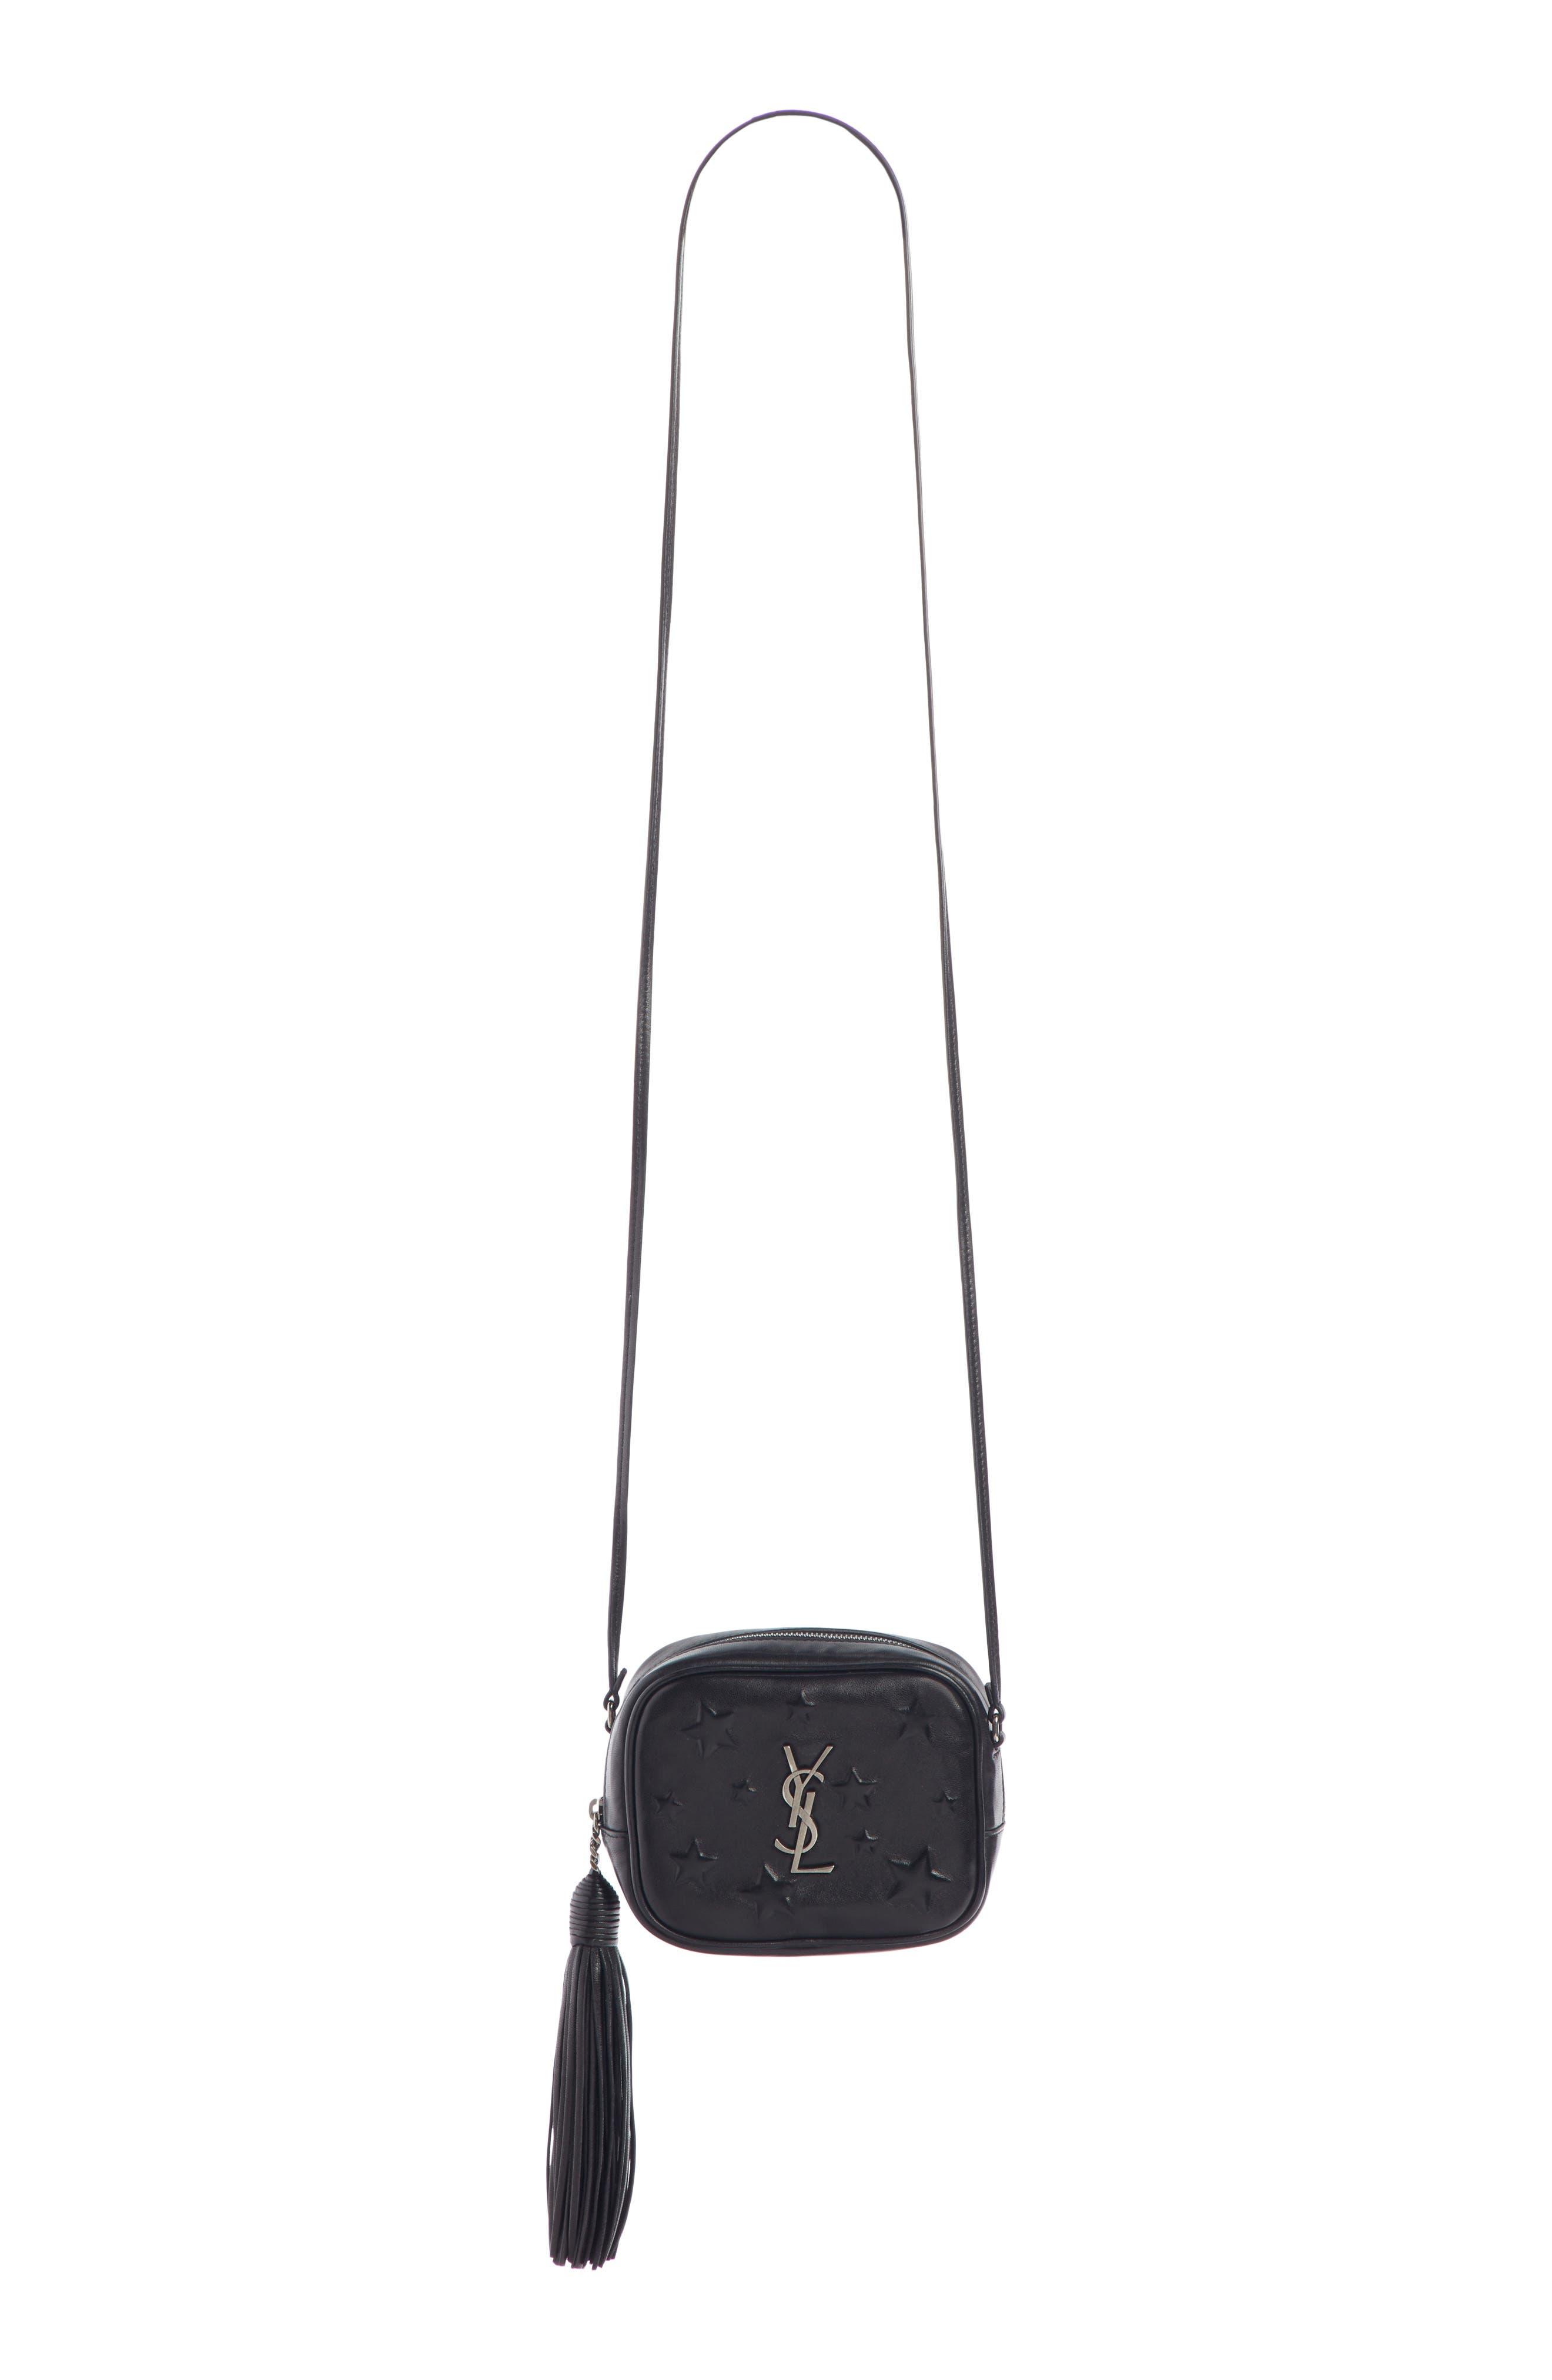 Mini Blogger Star Embossed Leather Crossbody Bag - Black in Noir